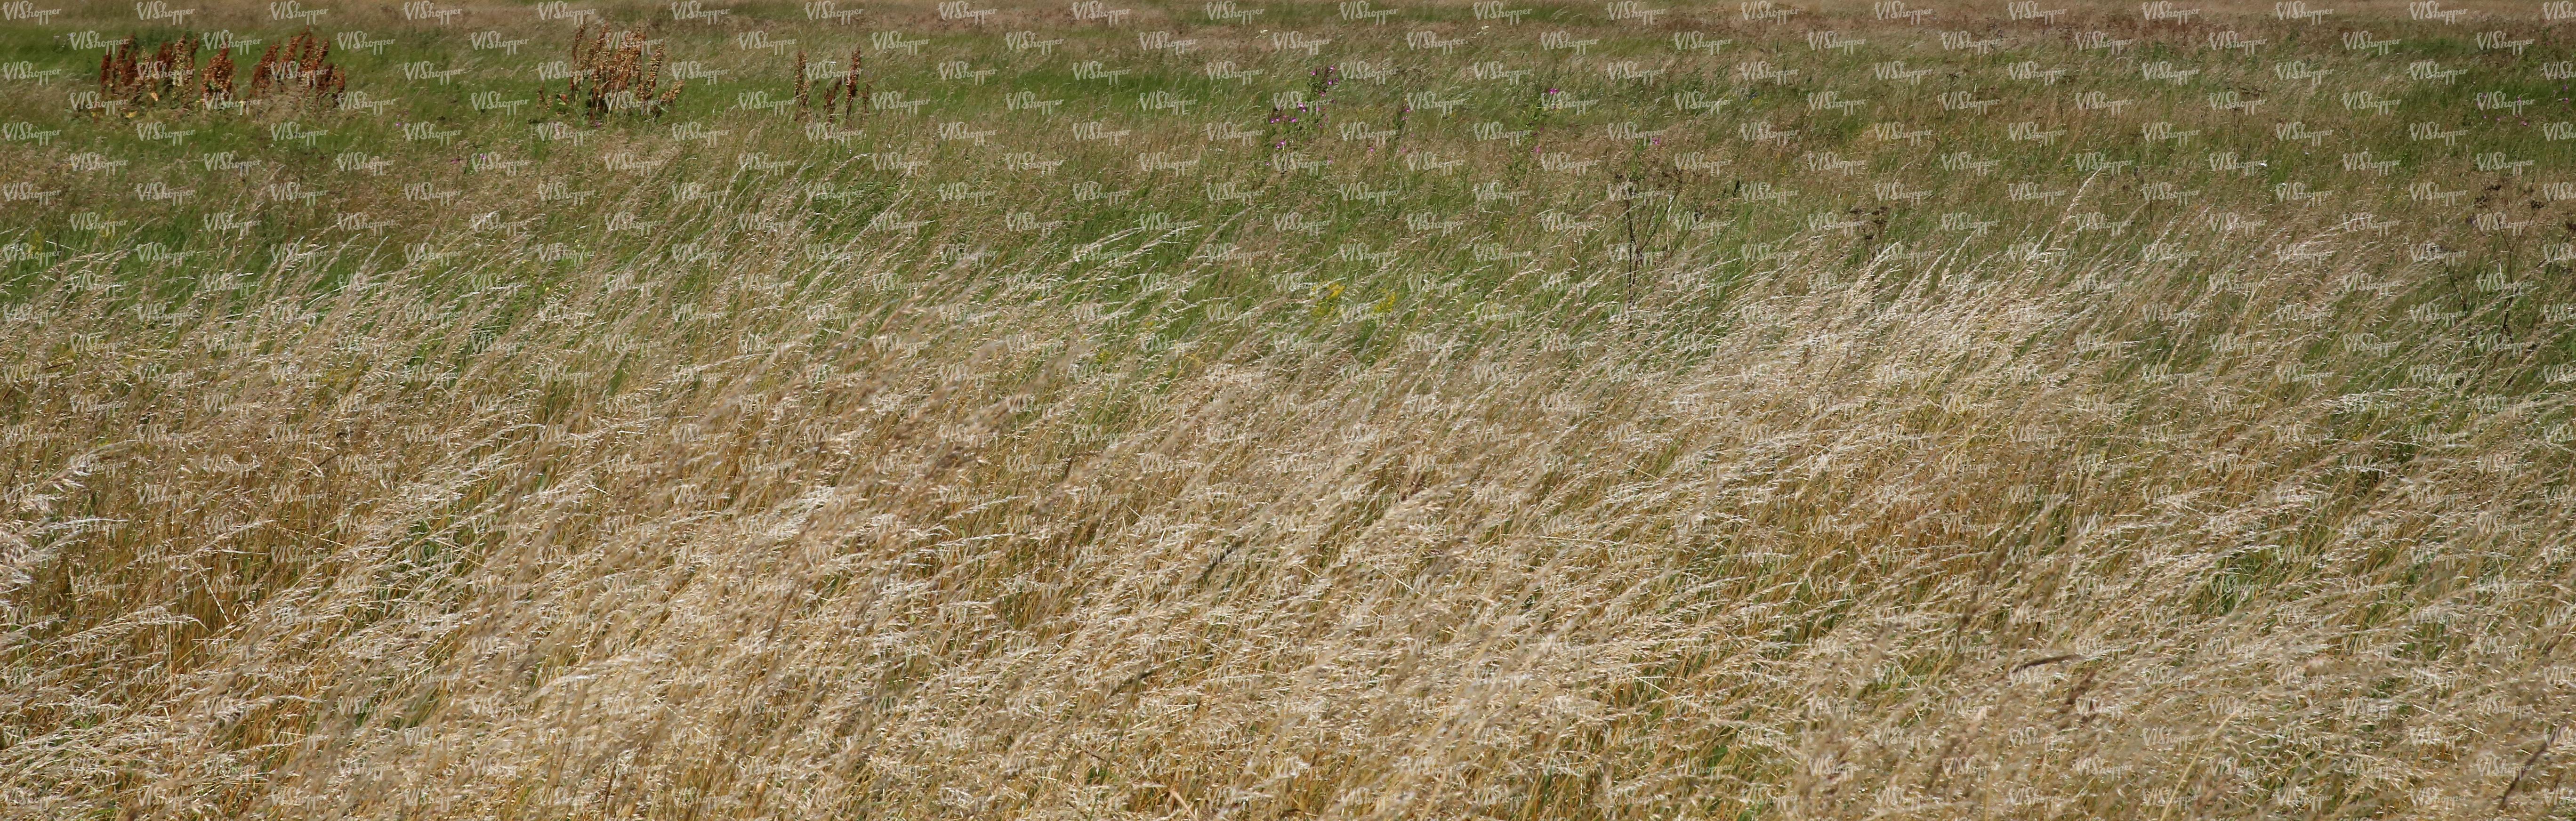 field of tall wild grass - ground textures - VIShopper